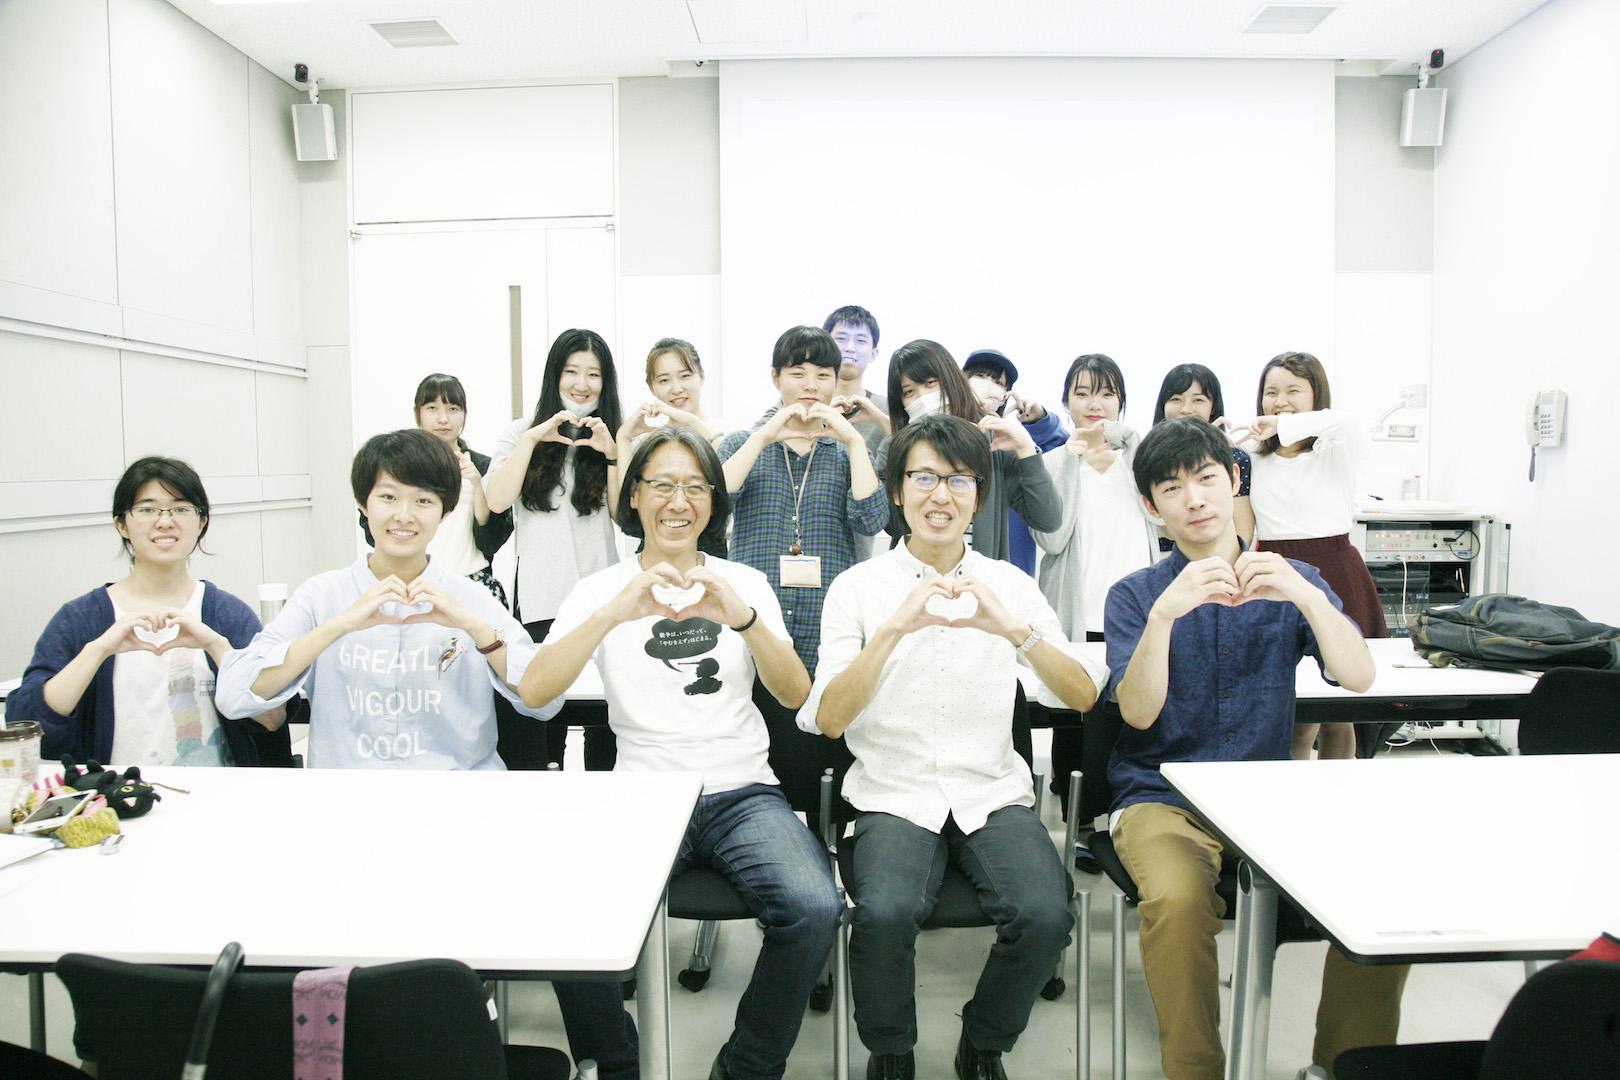 【レポート】東京工芸大学芸術学部 福島研究室でPOZIプランナー丸原が特別講義